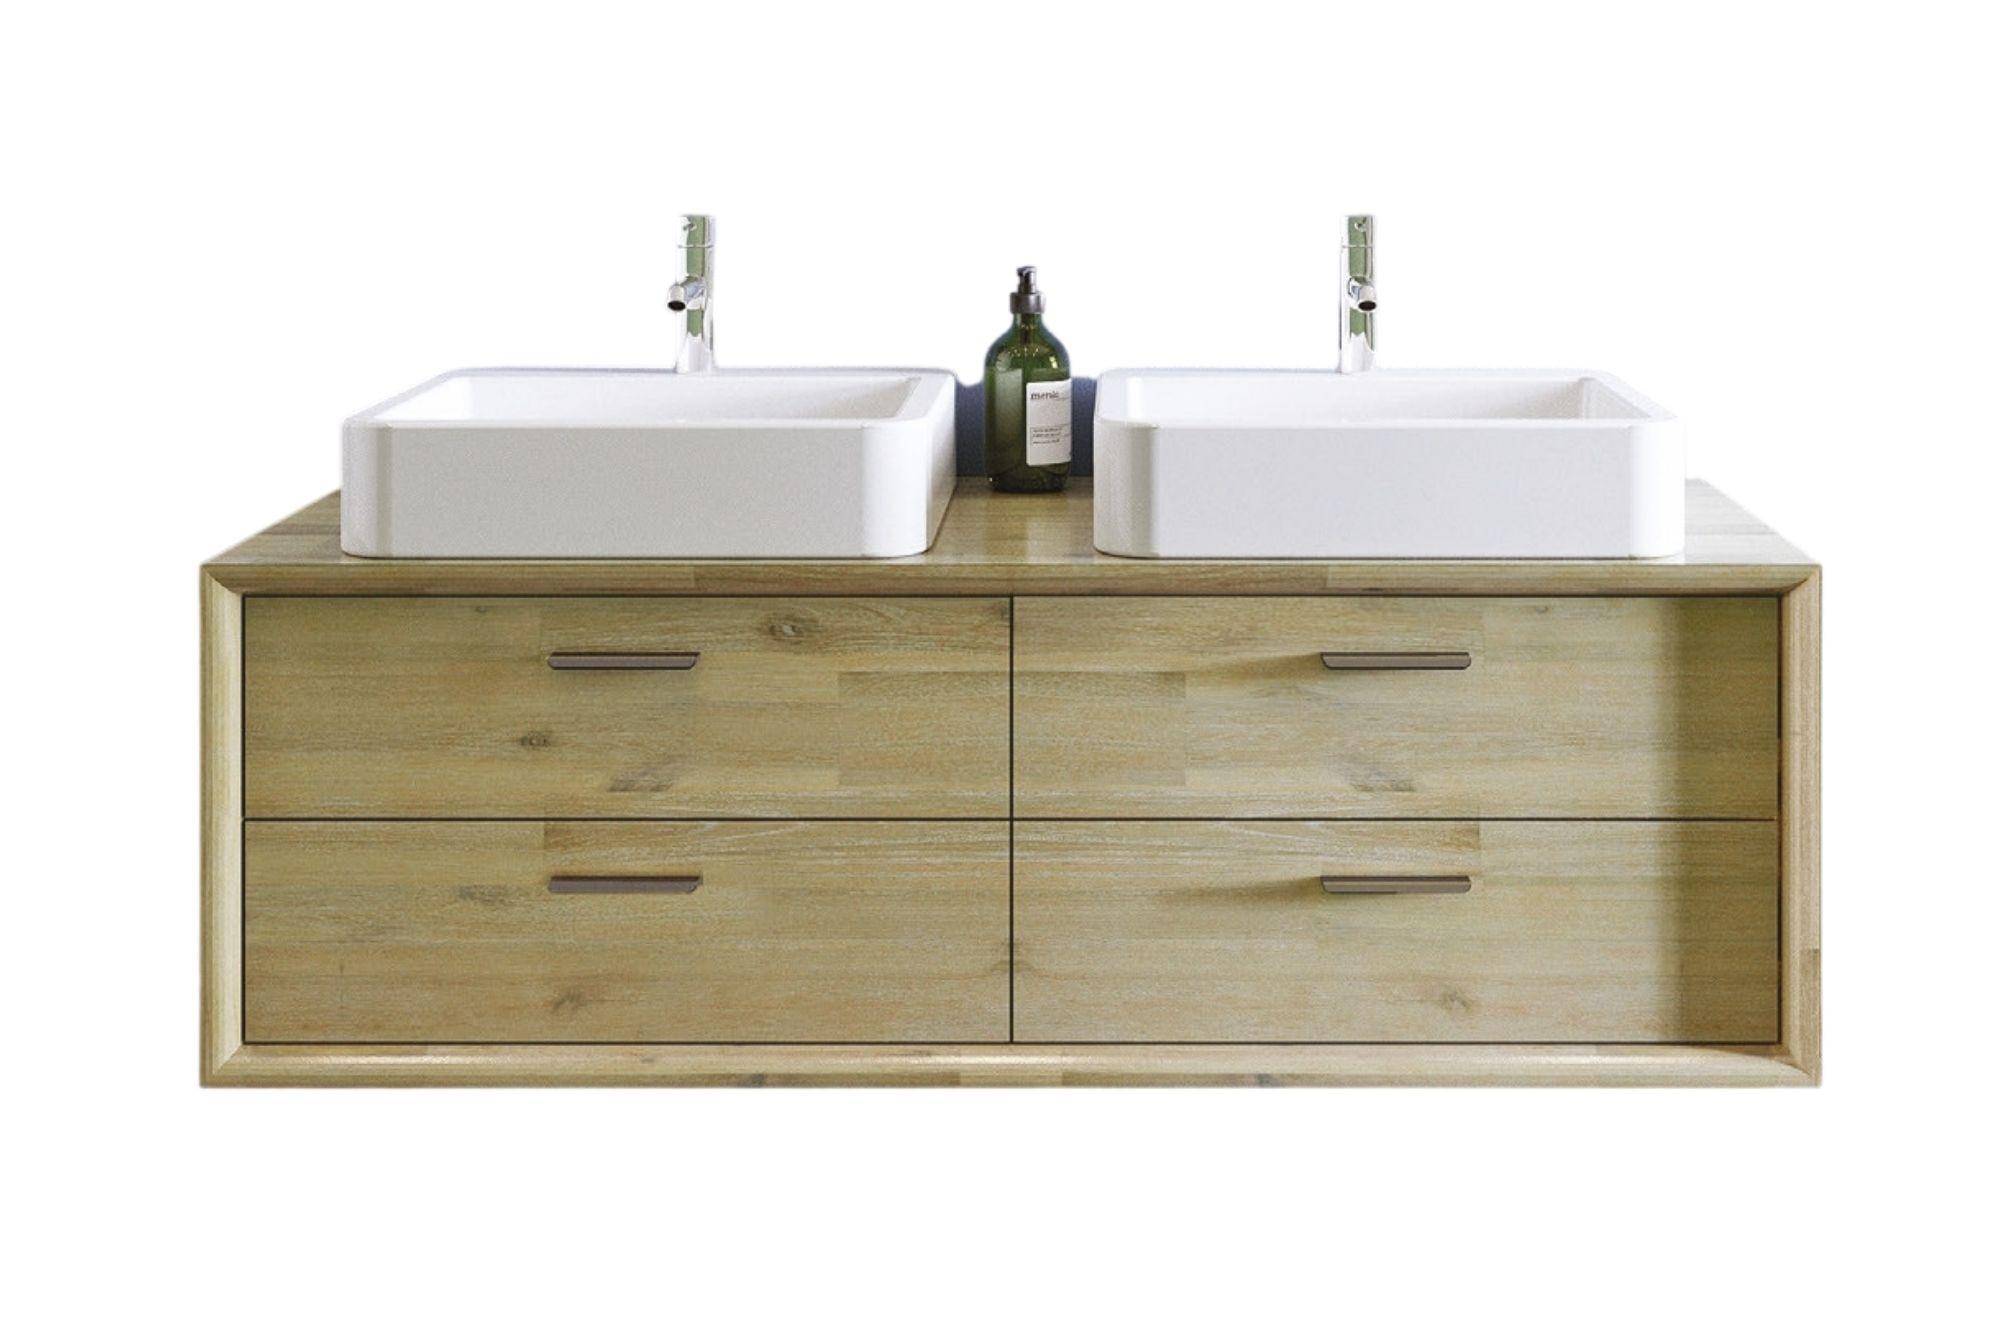 meuble sous vasque en acacia avec deux vasques en céramique